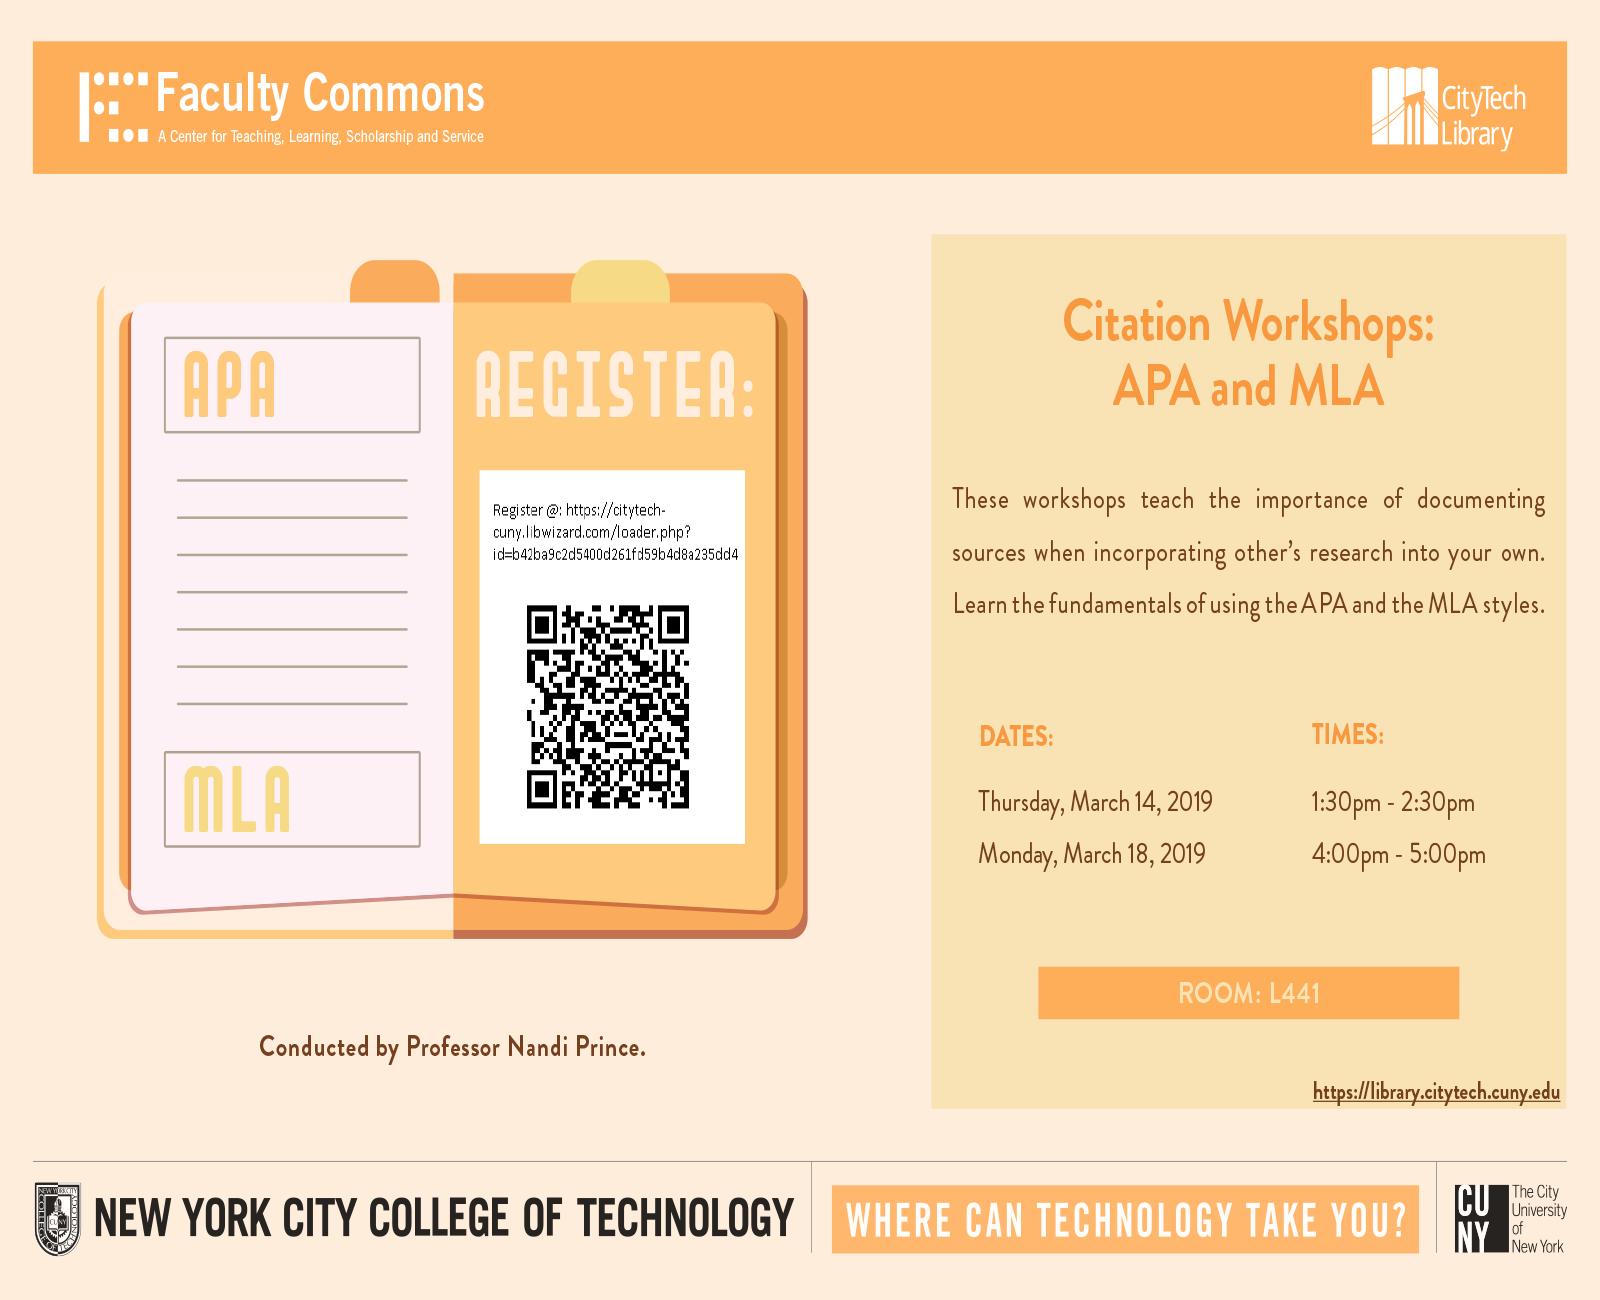 Citation Workshops 6